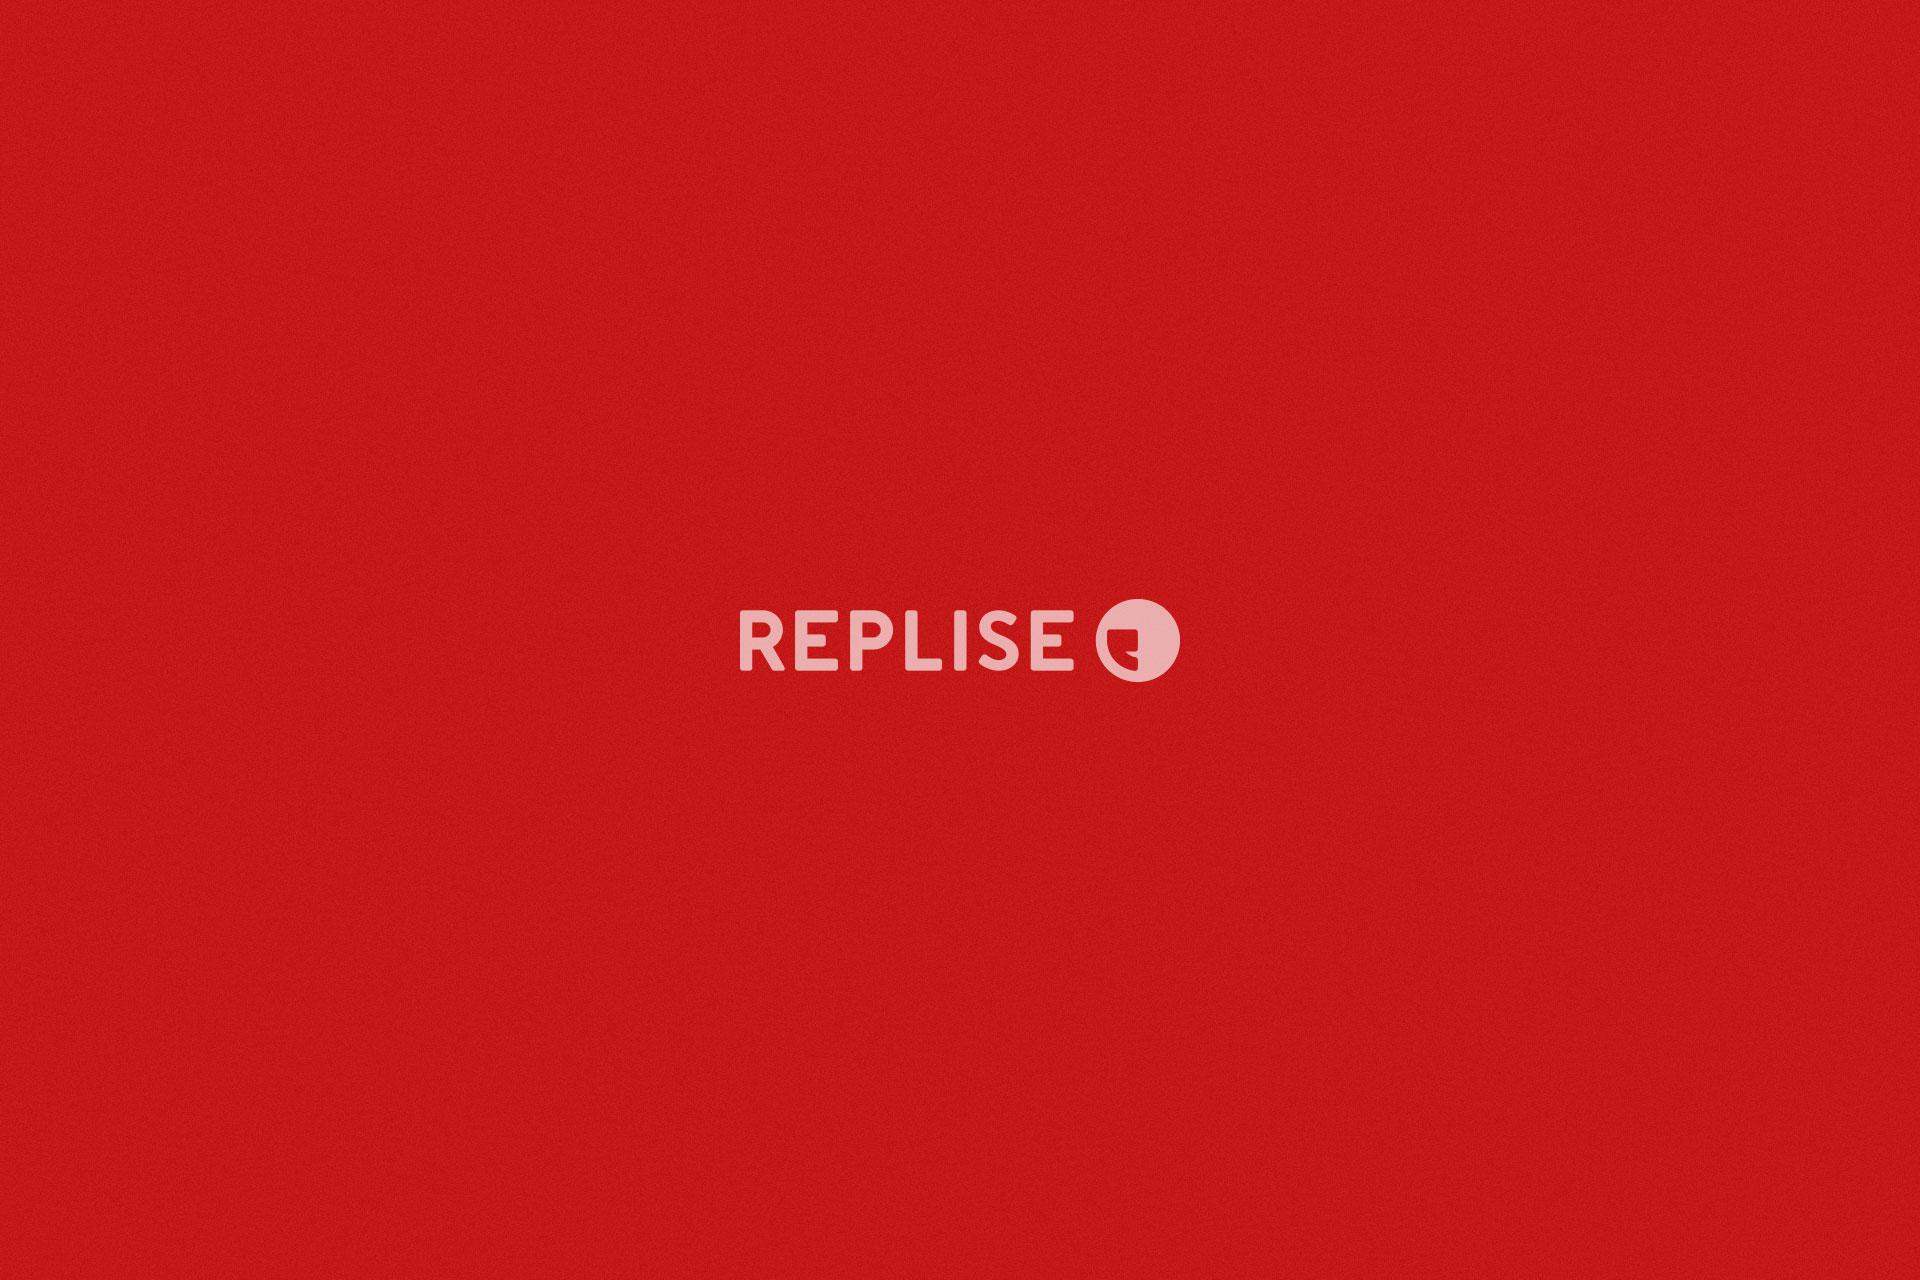 Logos & Brandmarks Replise